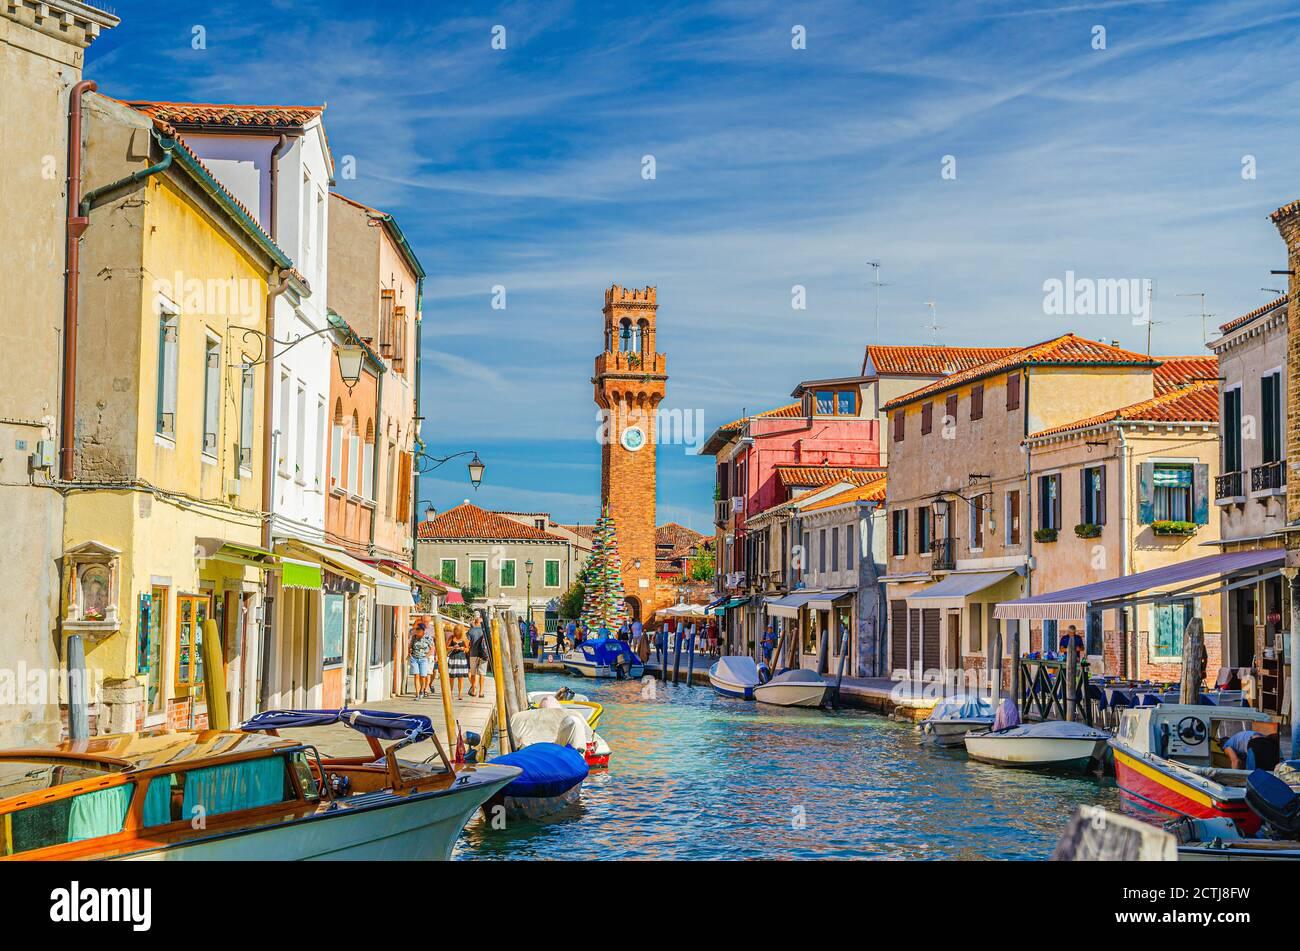 Îles de Murano avec tour d'horloge Torre dell'Orologio, bateaux et bateaux à moteur dans le canal d'eau, bâtiments traditionnels colorés, lagune vénitienne, région de Vénétie, Italie du Nord. Carte postale de Murano. Banque D'Images